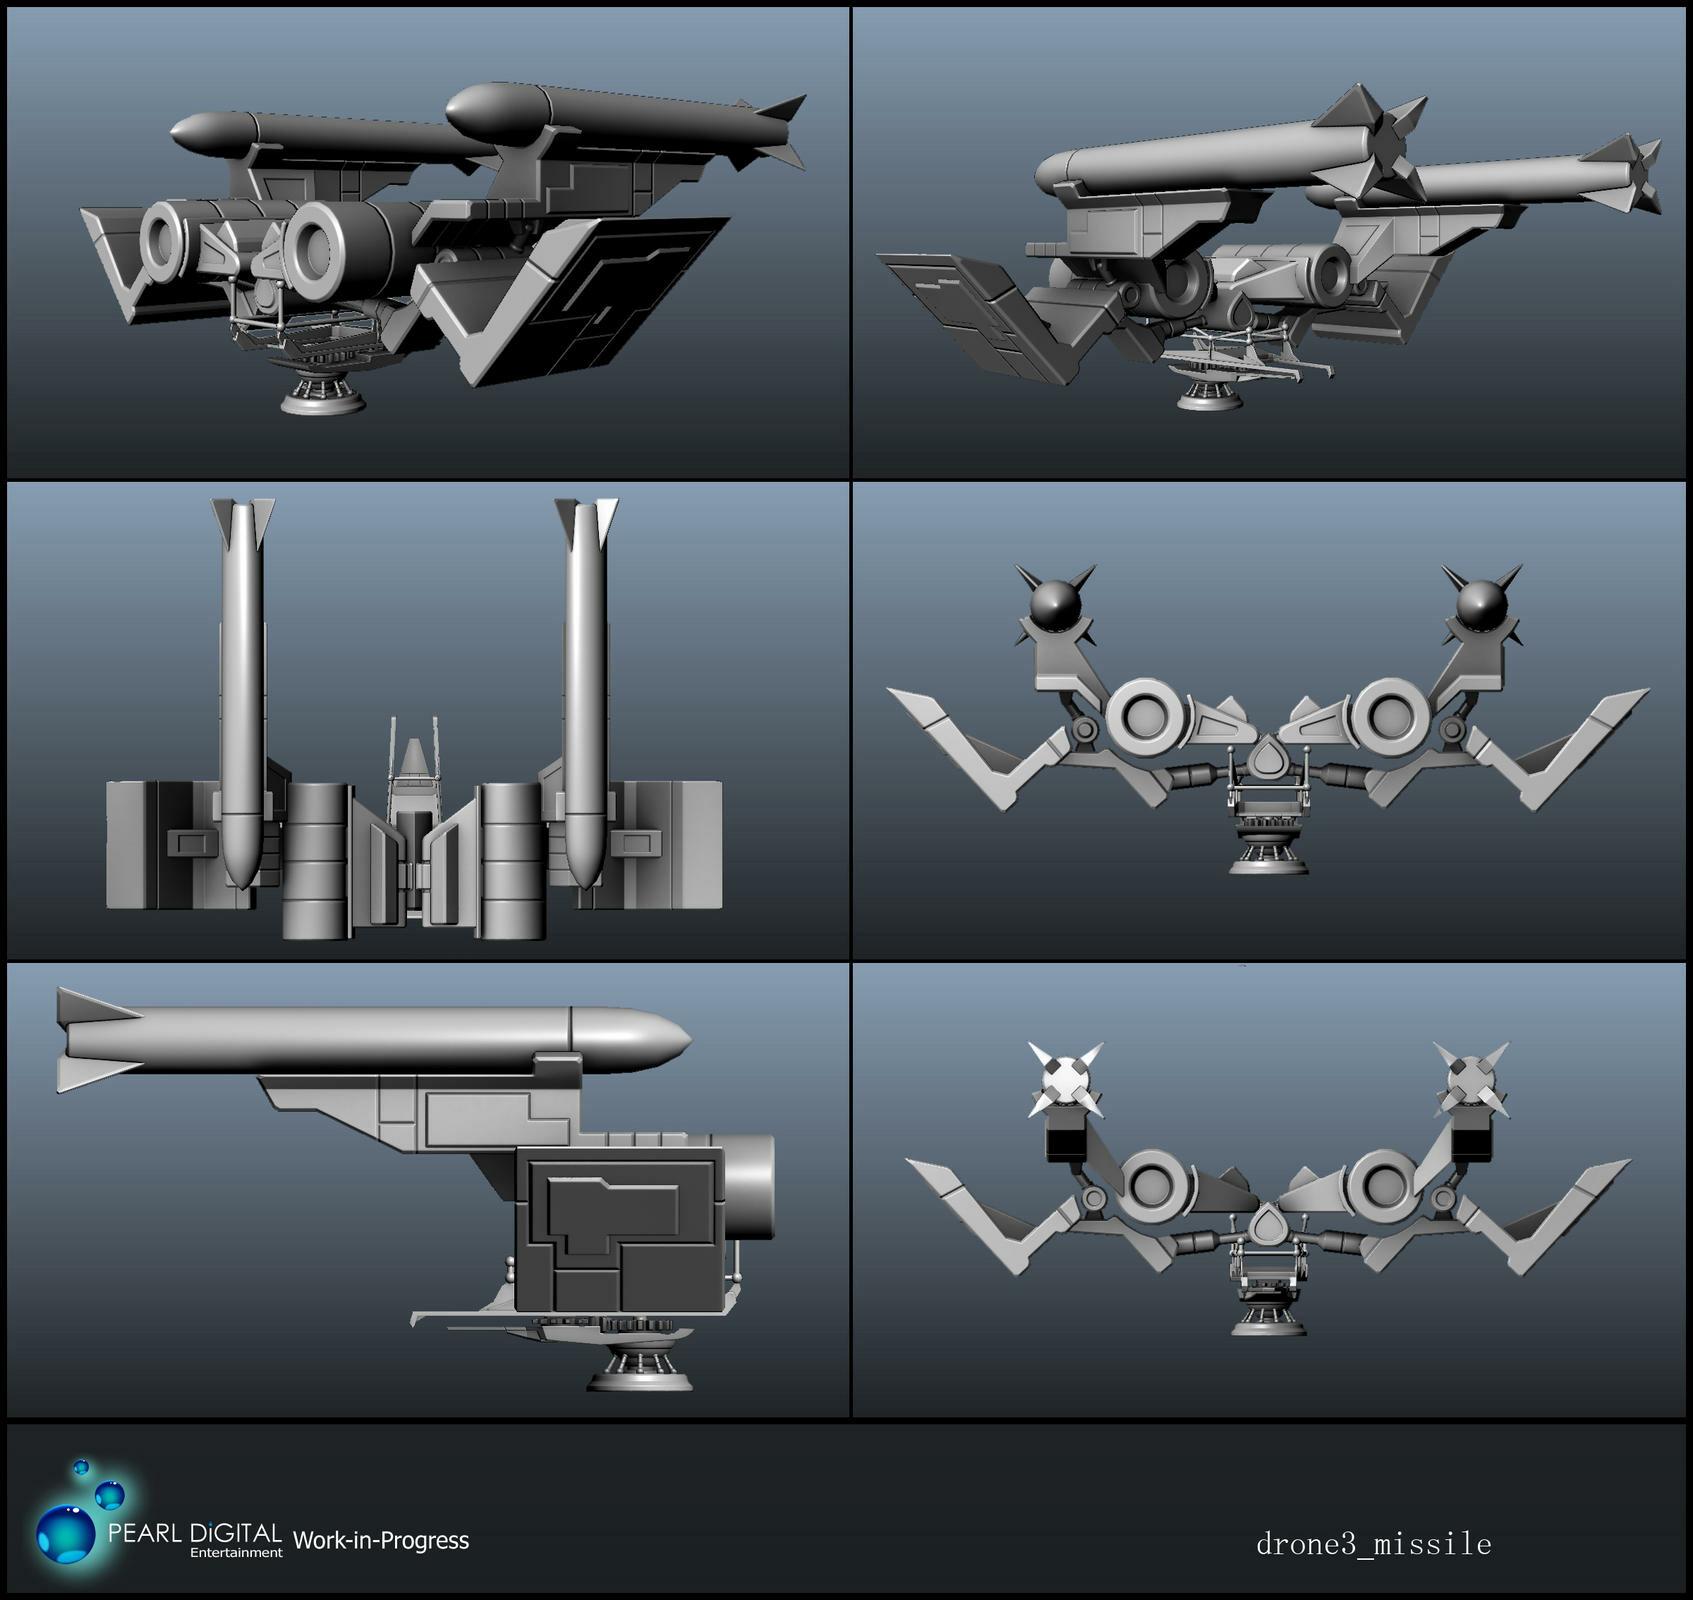 Sherif habashi 48 drone3 missile